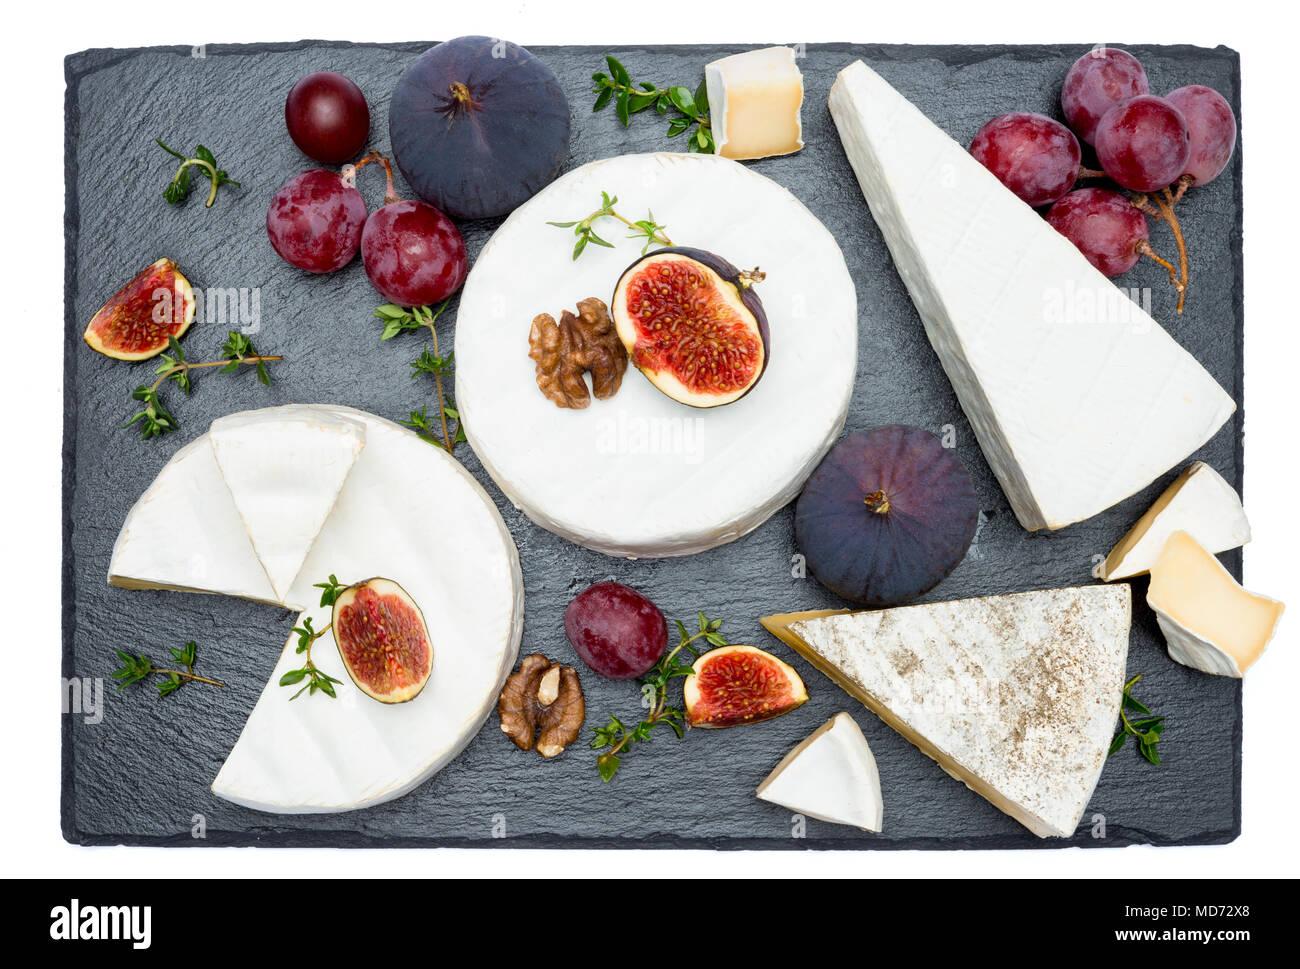 Del queso Camembert y corte un trozo de piedra sirviendo a bordo Foto de stock